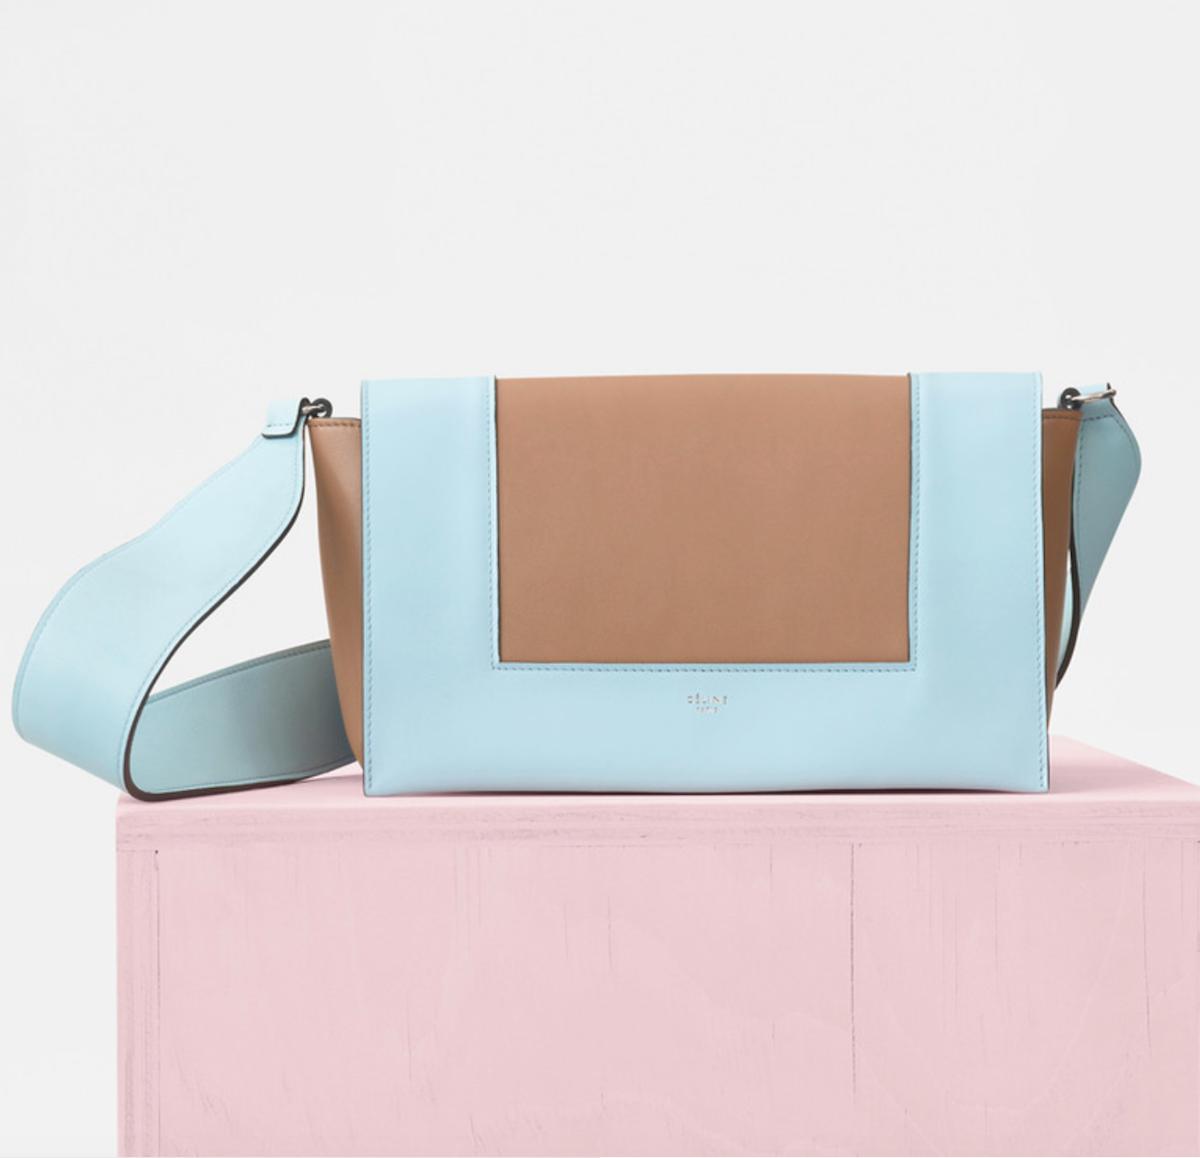 Céline's Frame Bag